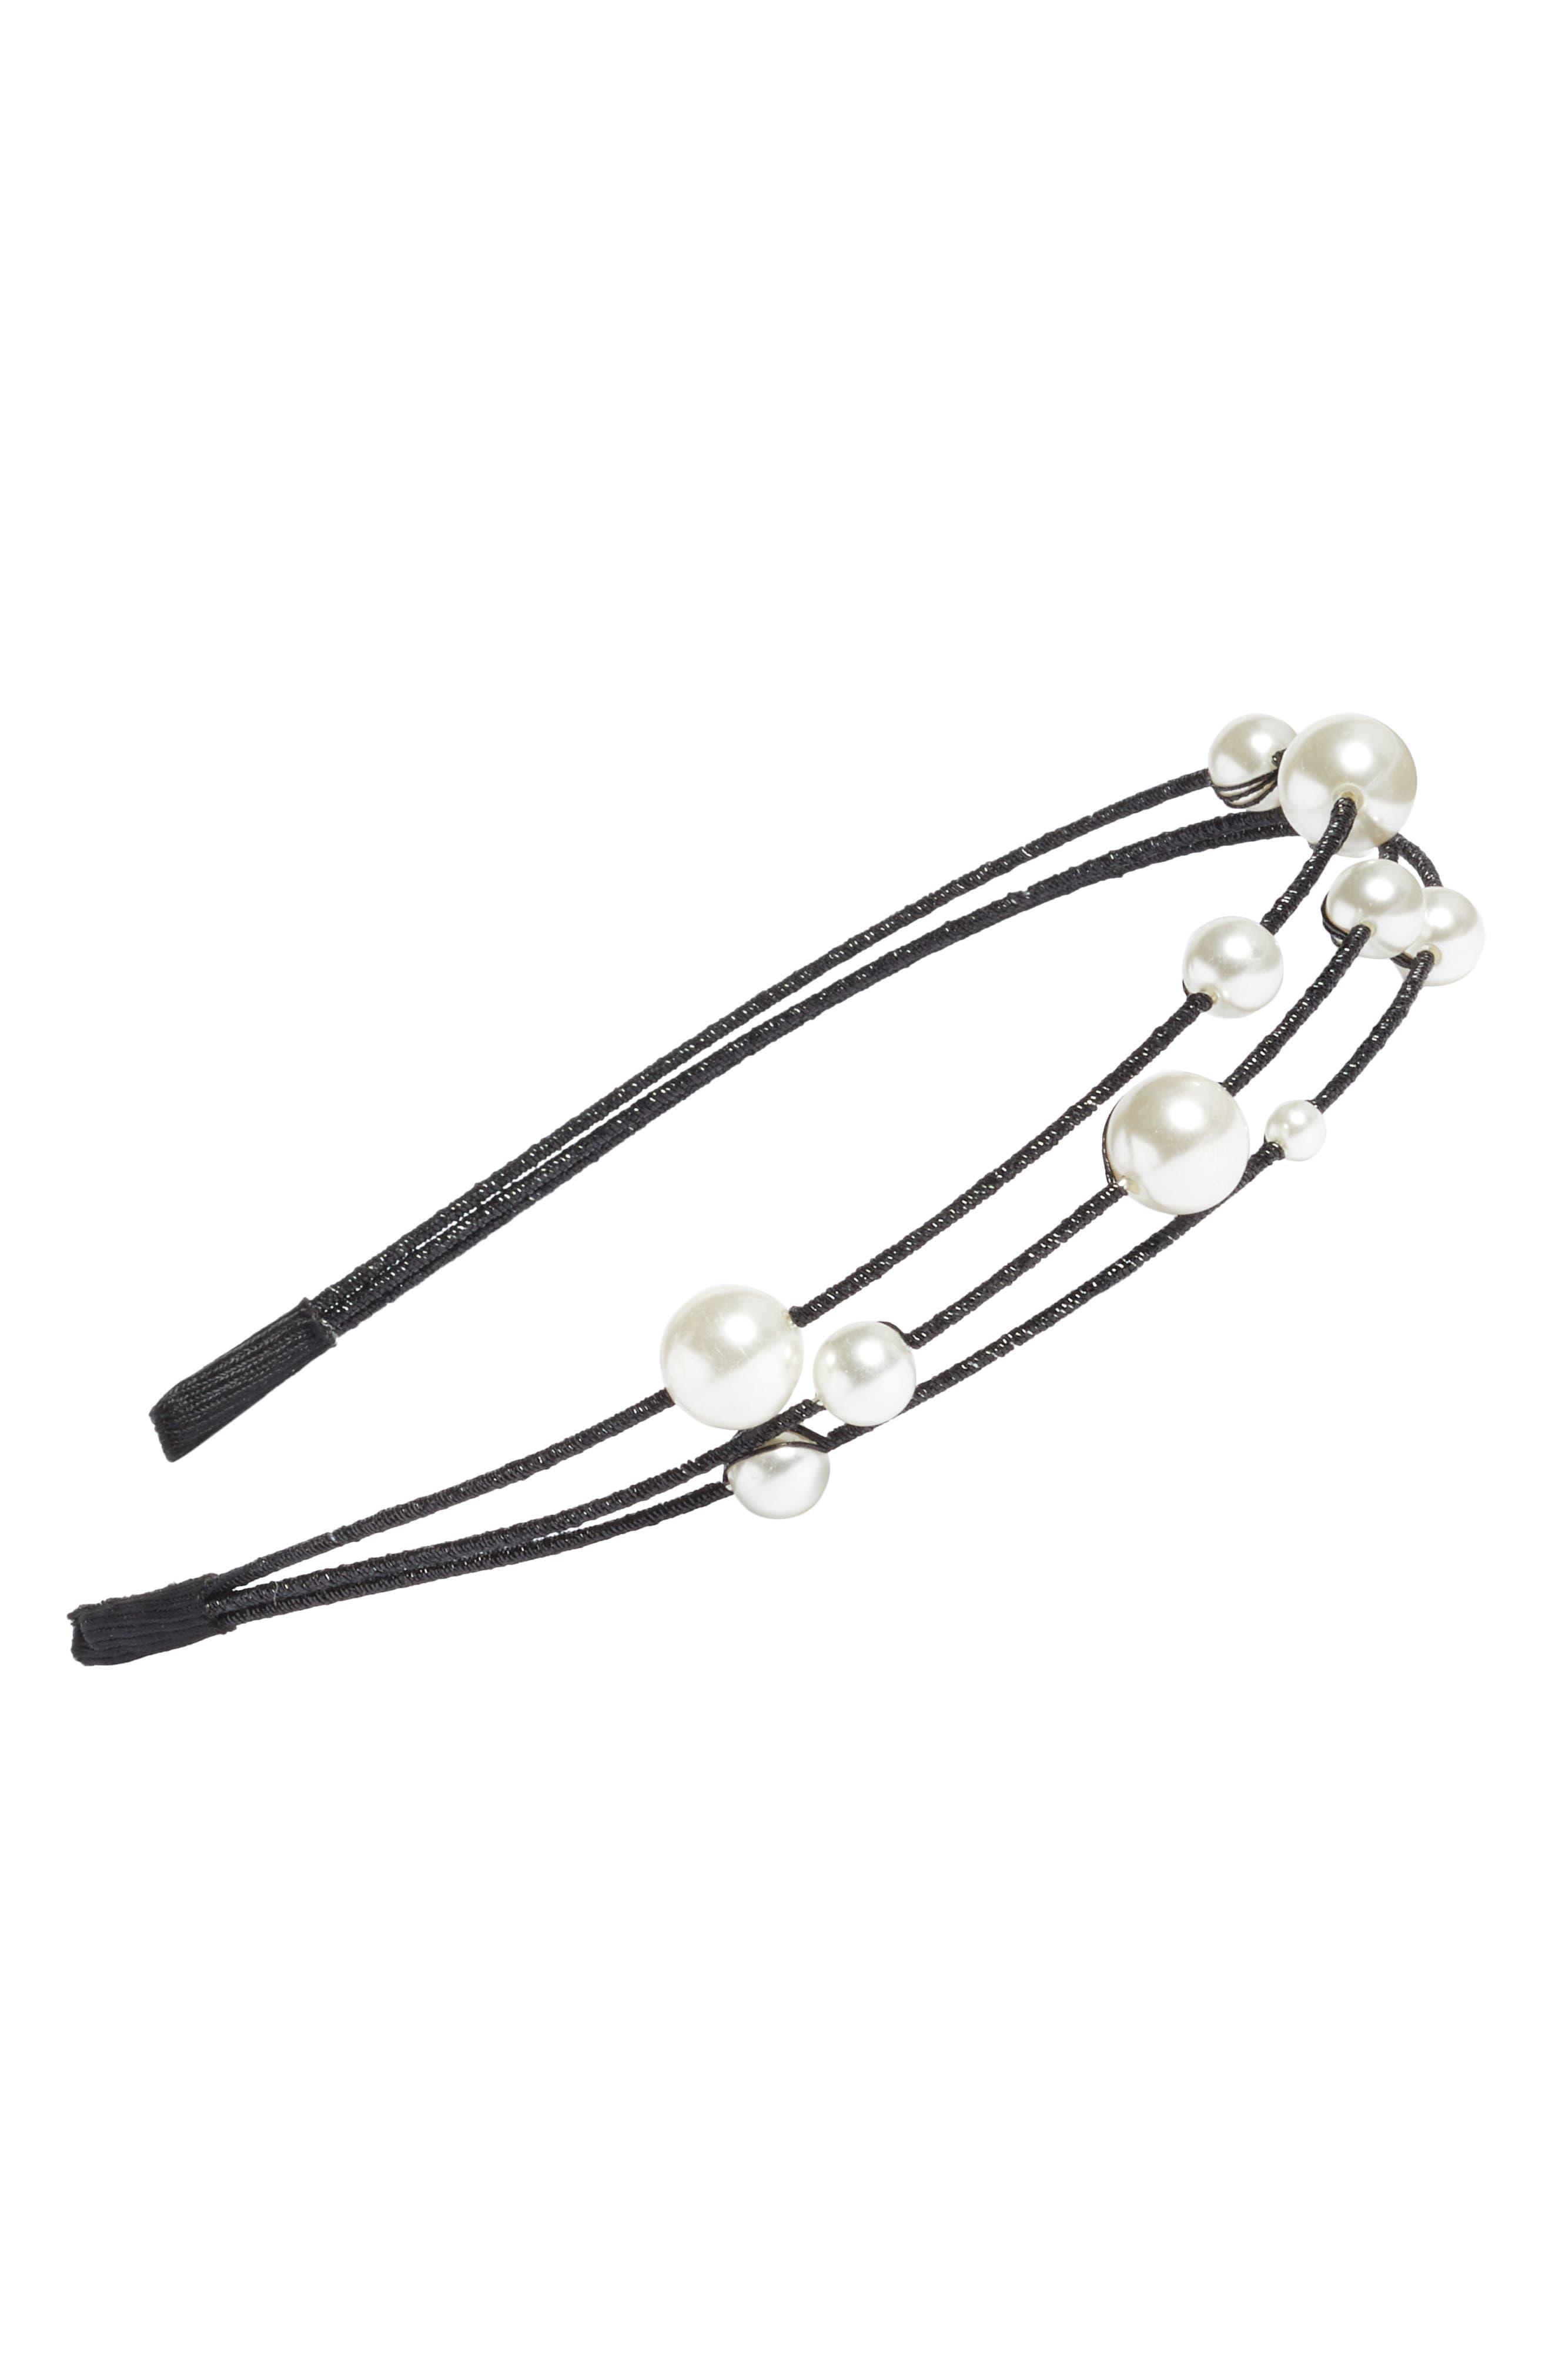 Main Image - Cara Imitation Pearl Headband